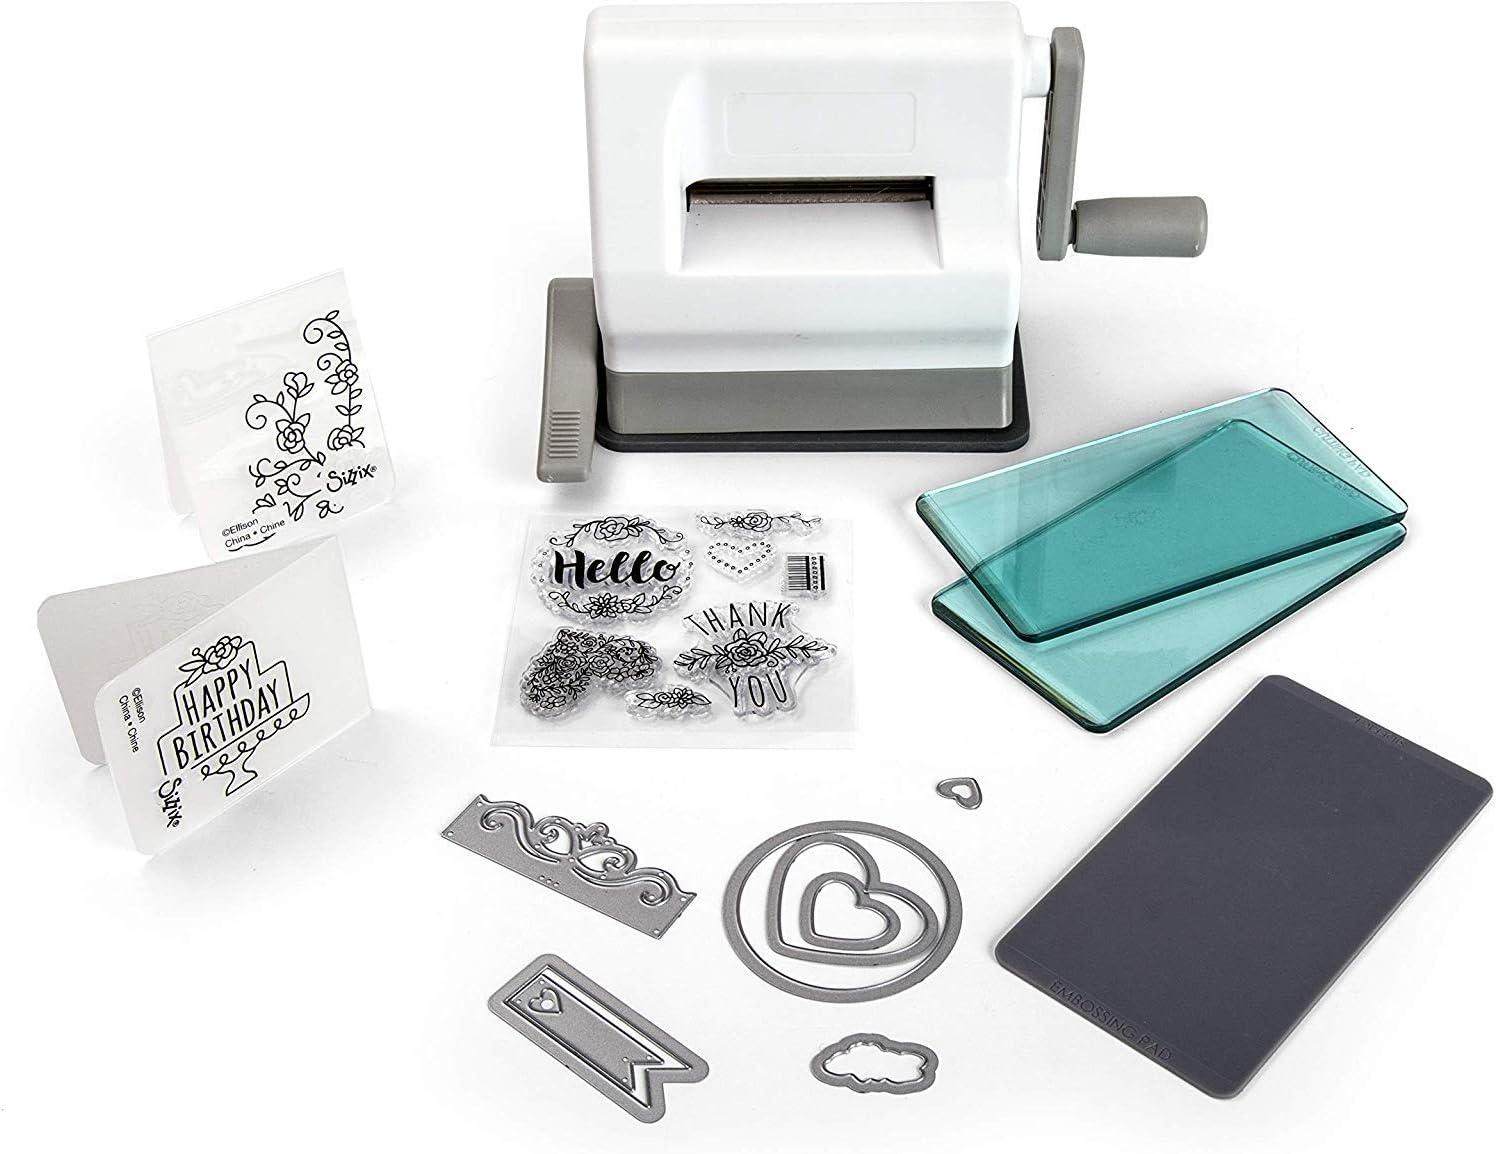 Sizzix Sidekick Starter Kit 661770 Máquina de Troquelado Manual portátil para Manualidades, álbumes de Recortes y Tarjetas, Apertura de 6,35 cm, Multicolor, 19.7 x 8.9 x 12.1 cm